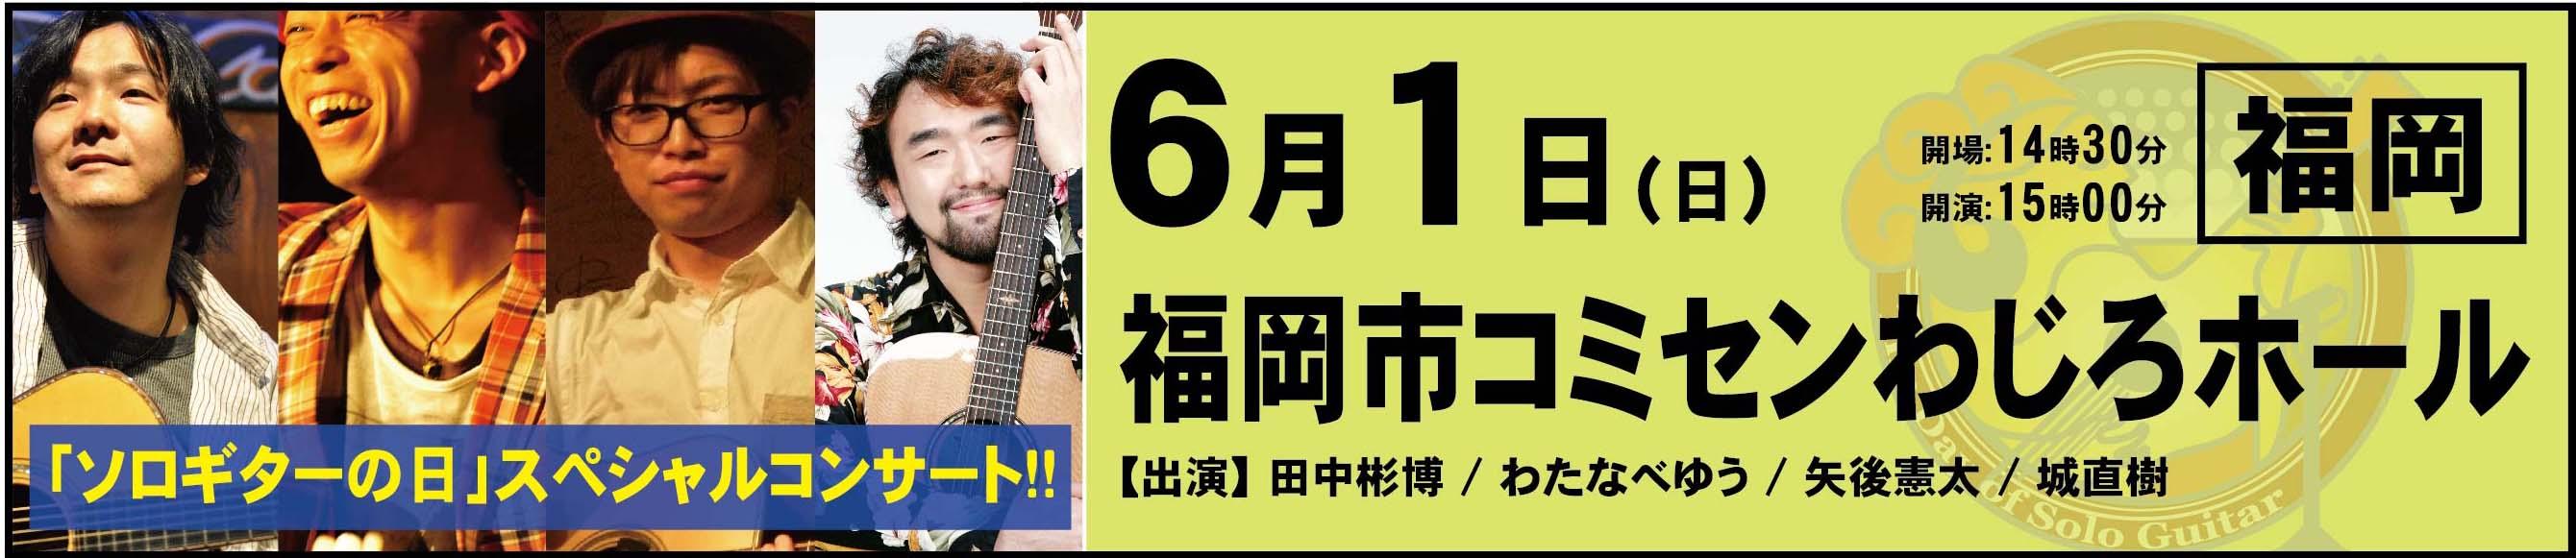 「ソロギターの日」福岡市コミセンわじろホール